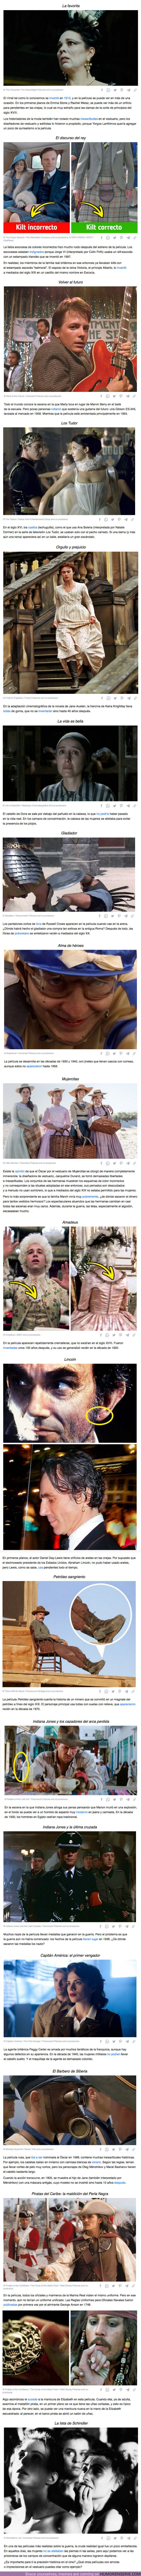 77962 - GALERÍA: 18 Veces en las que diseñadores del vestuario fallaron en su único trabajo